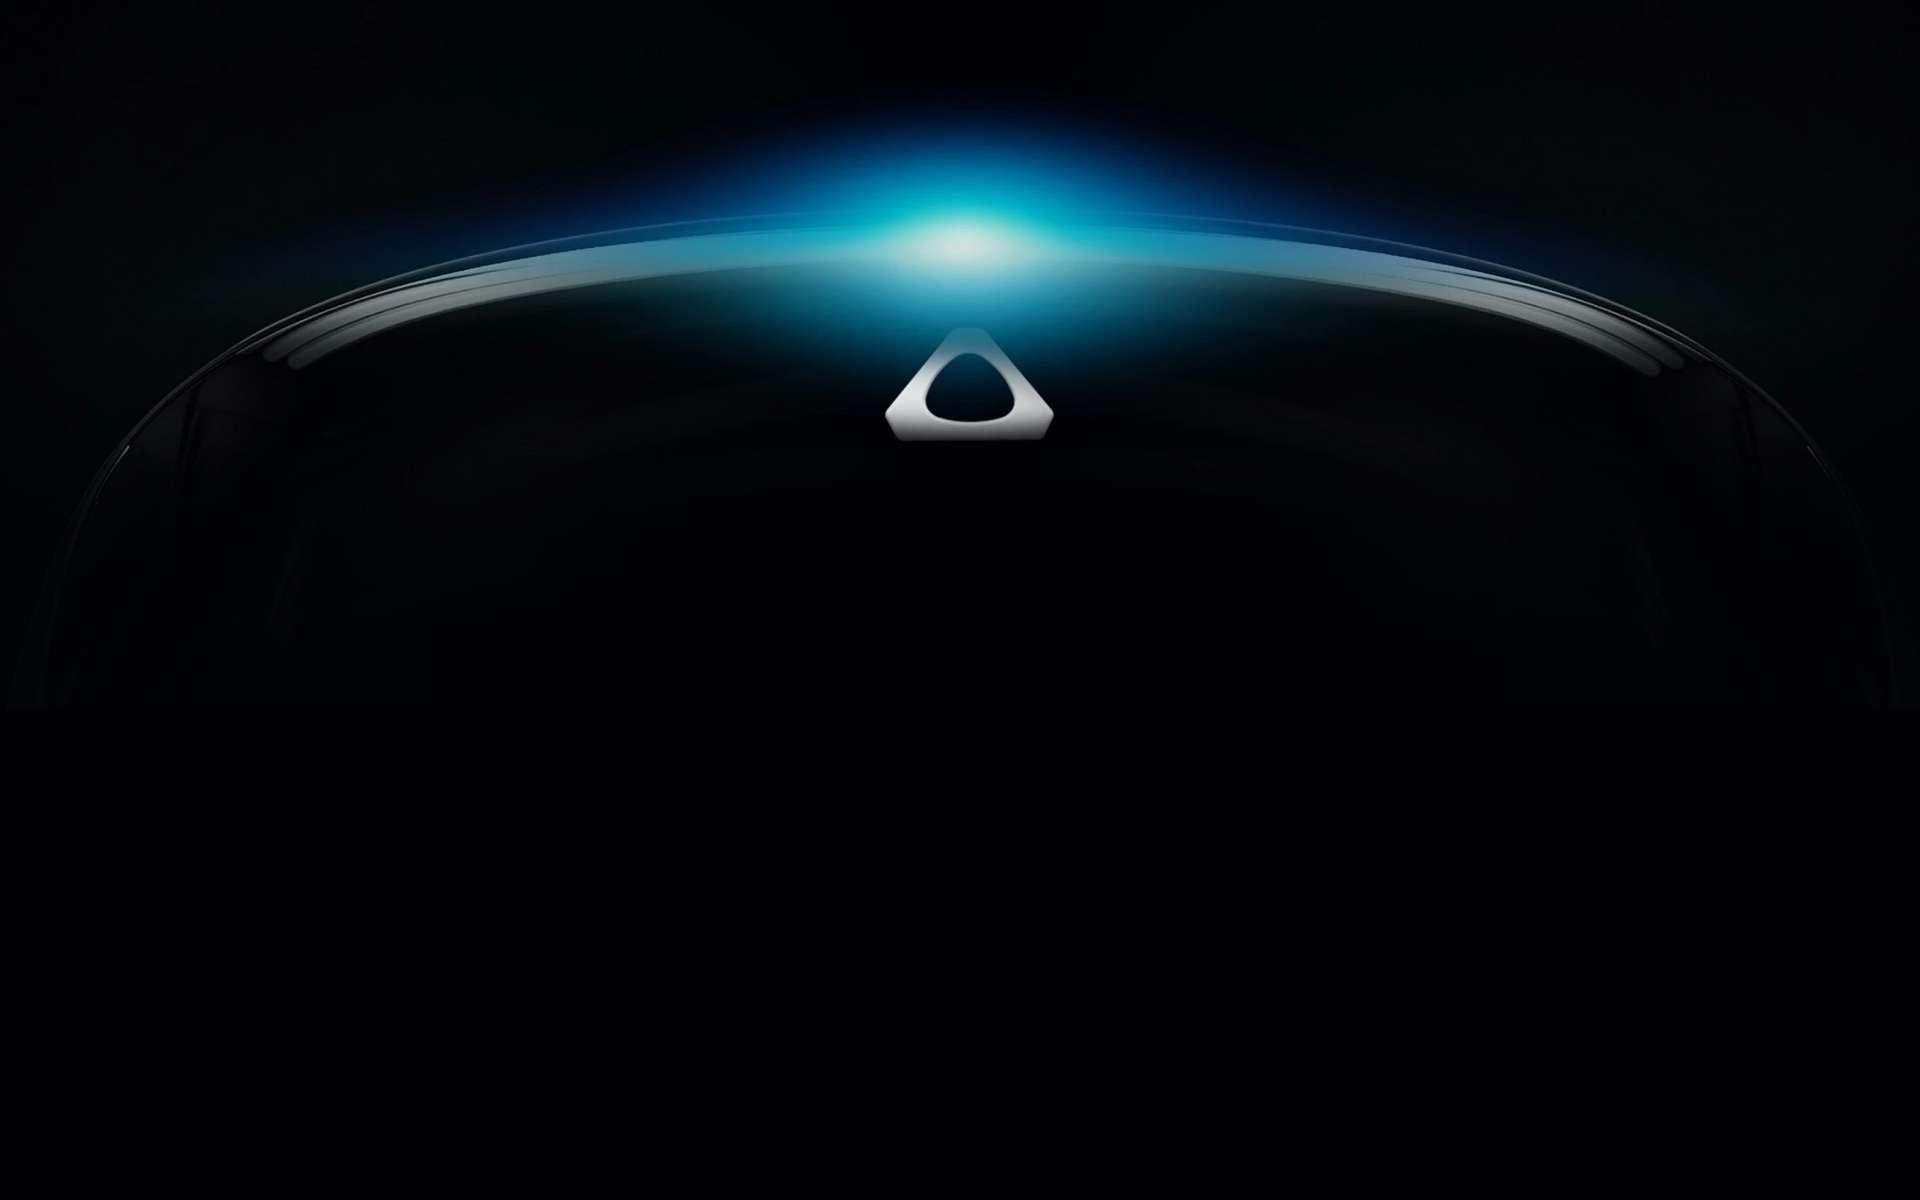 HTC lance deux nouveaux casques de réalité virtuelle avec une définition 5K et un champ de vision de 120°. © HTC